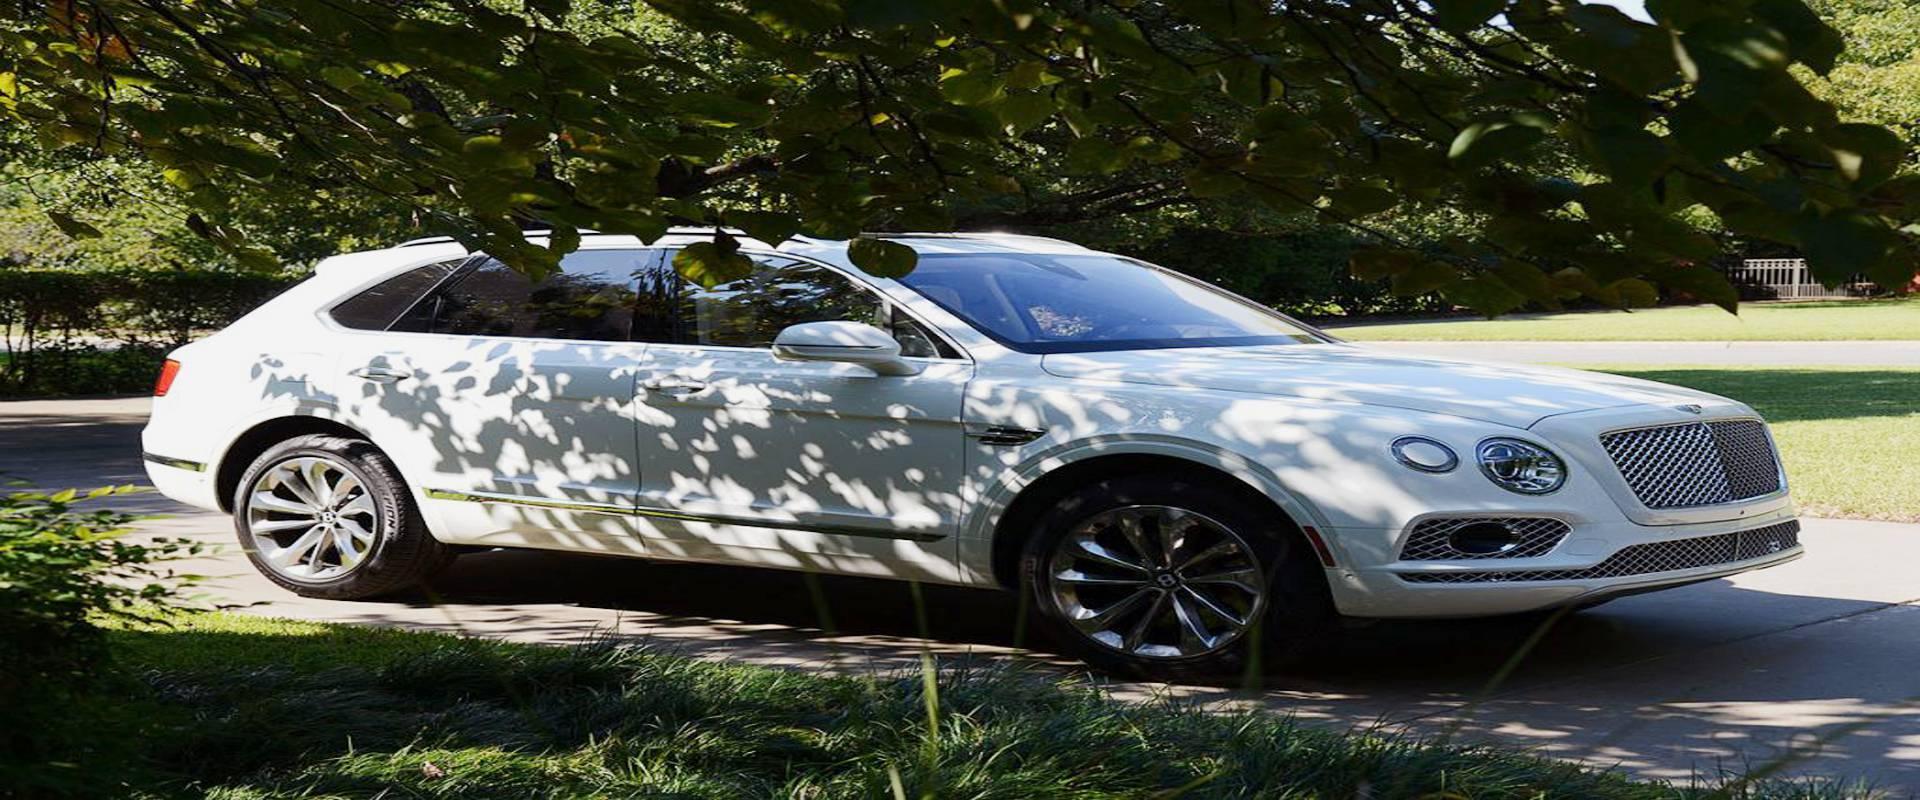 Weekend with a Bentley Bentayga